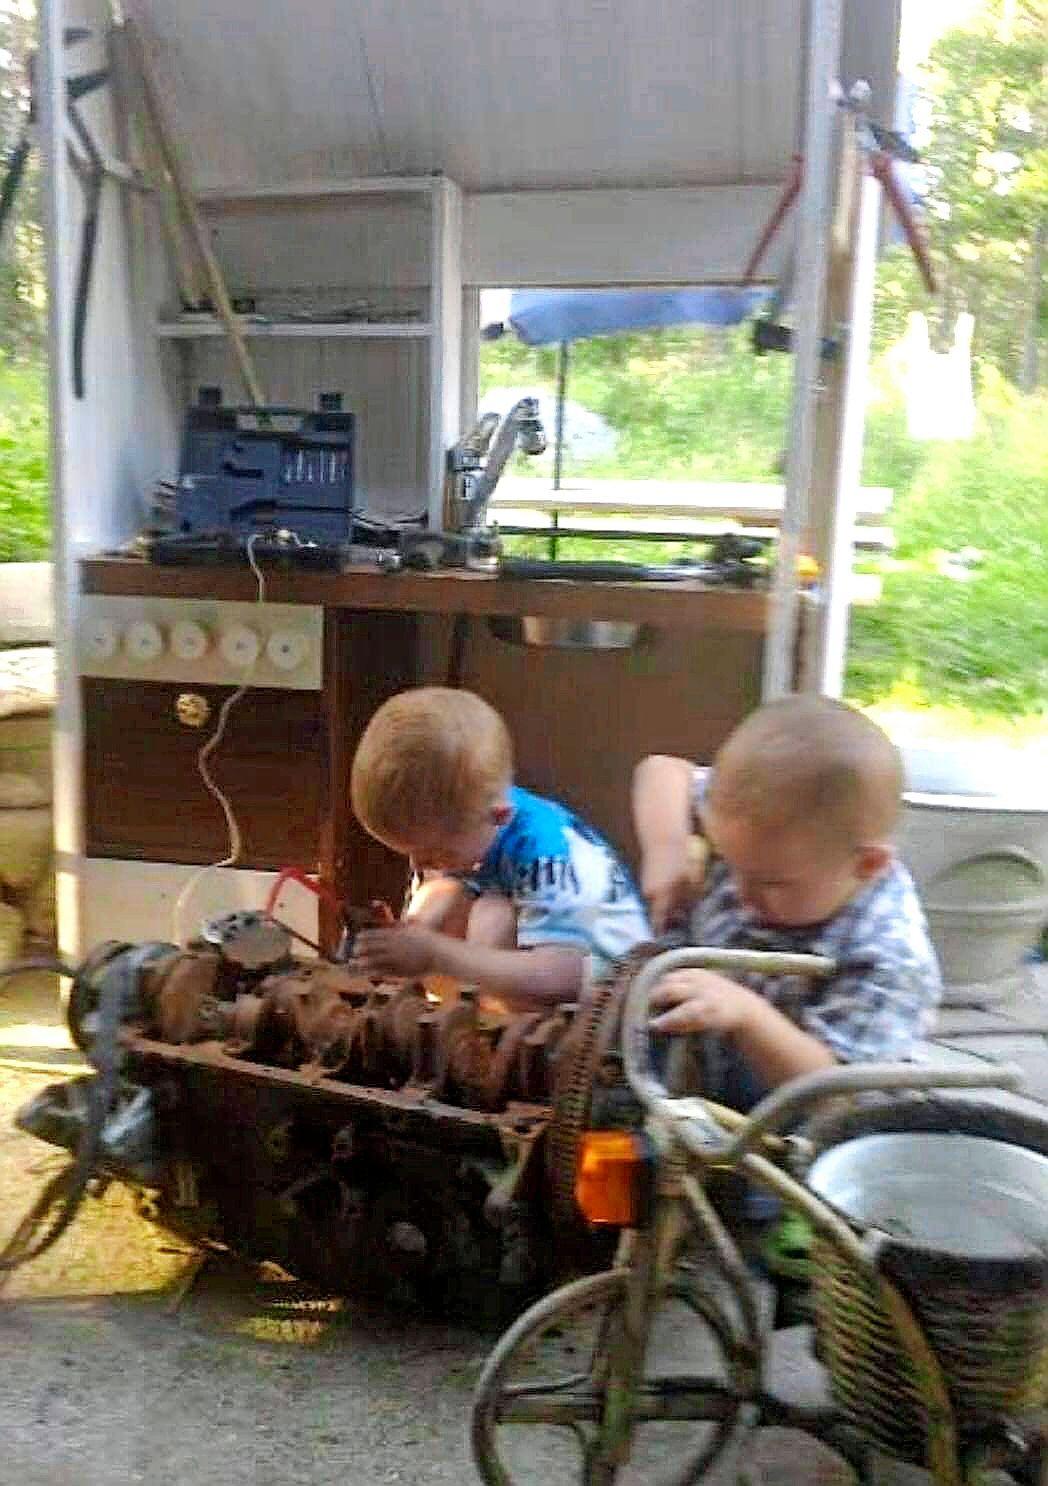 Suutarin lapsilla ei ole kenkiä, mutta autonkorjaajan lapsi tekee mäkiauton vaikka ammeesta. Kuvassa Vilin ja pikkuveljen varhaisten vuosien projekti. © Vili Taipaleen kotialbumi